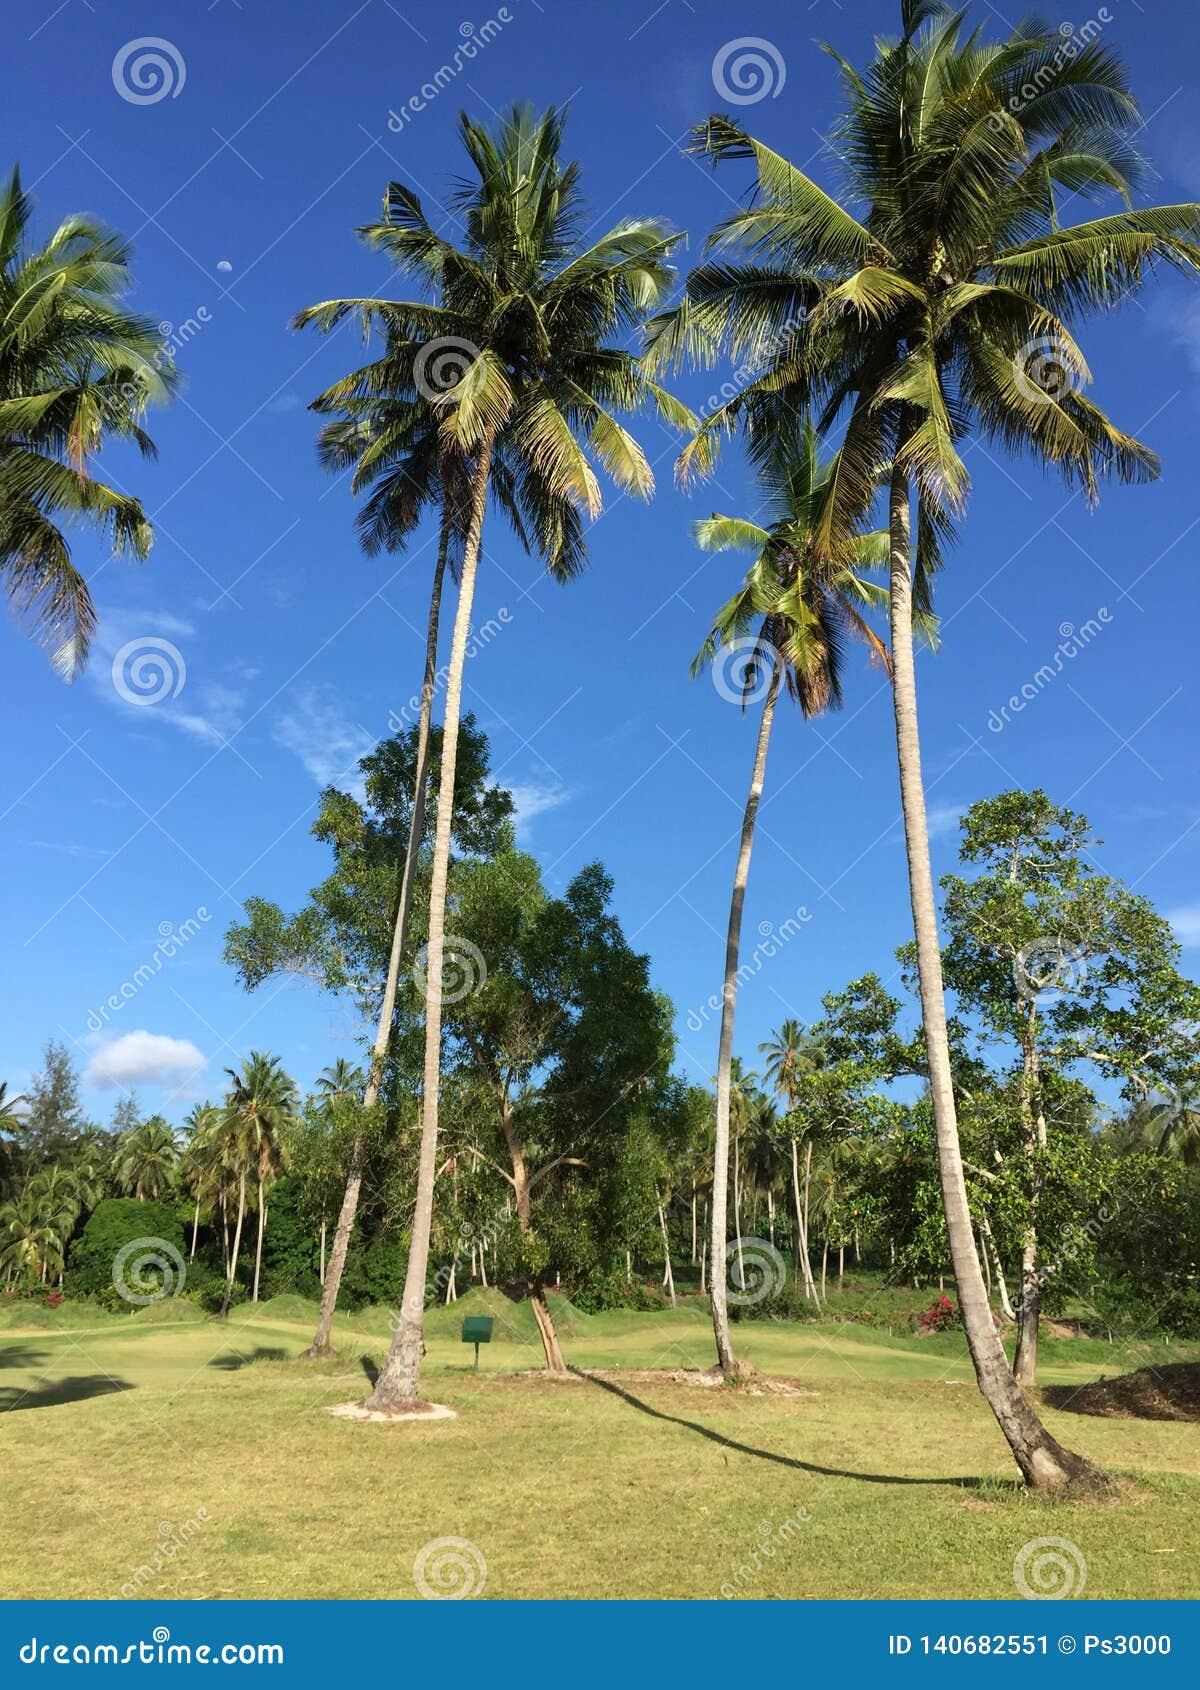 Afrykański pole golfowe z drzewkami palmowymi wykłada farwater